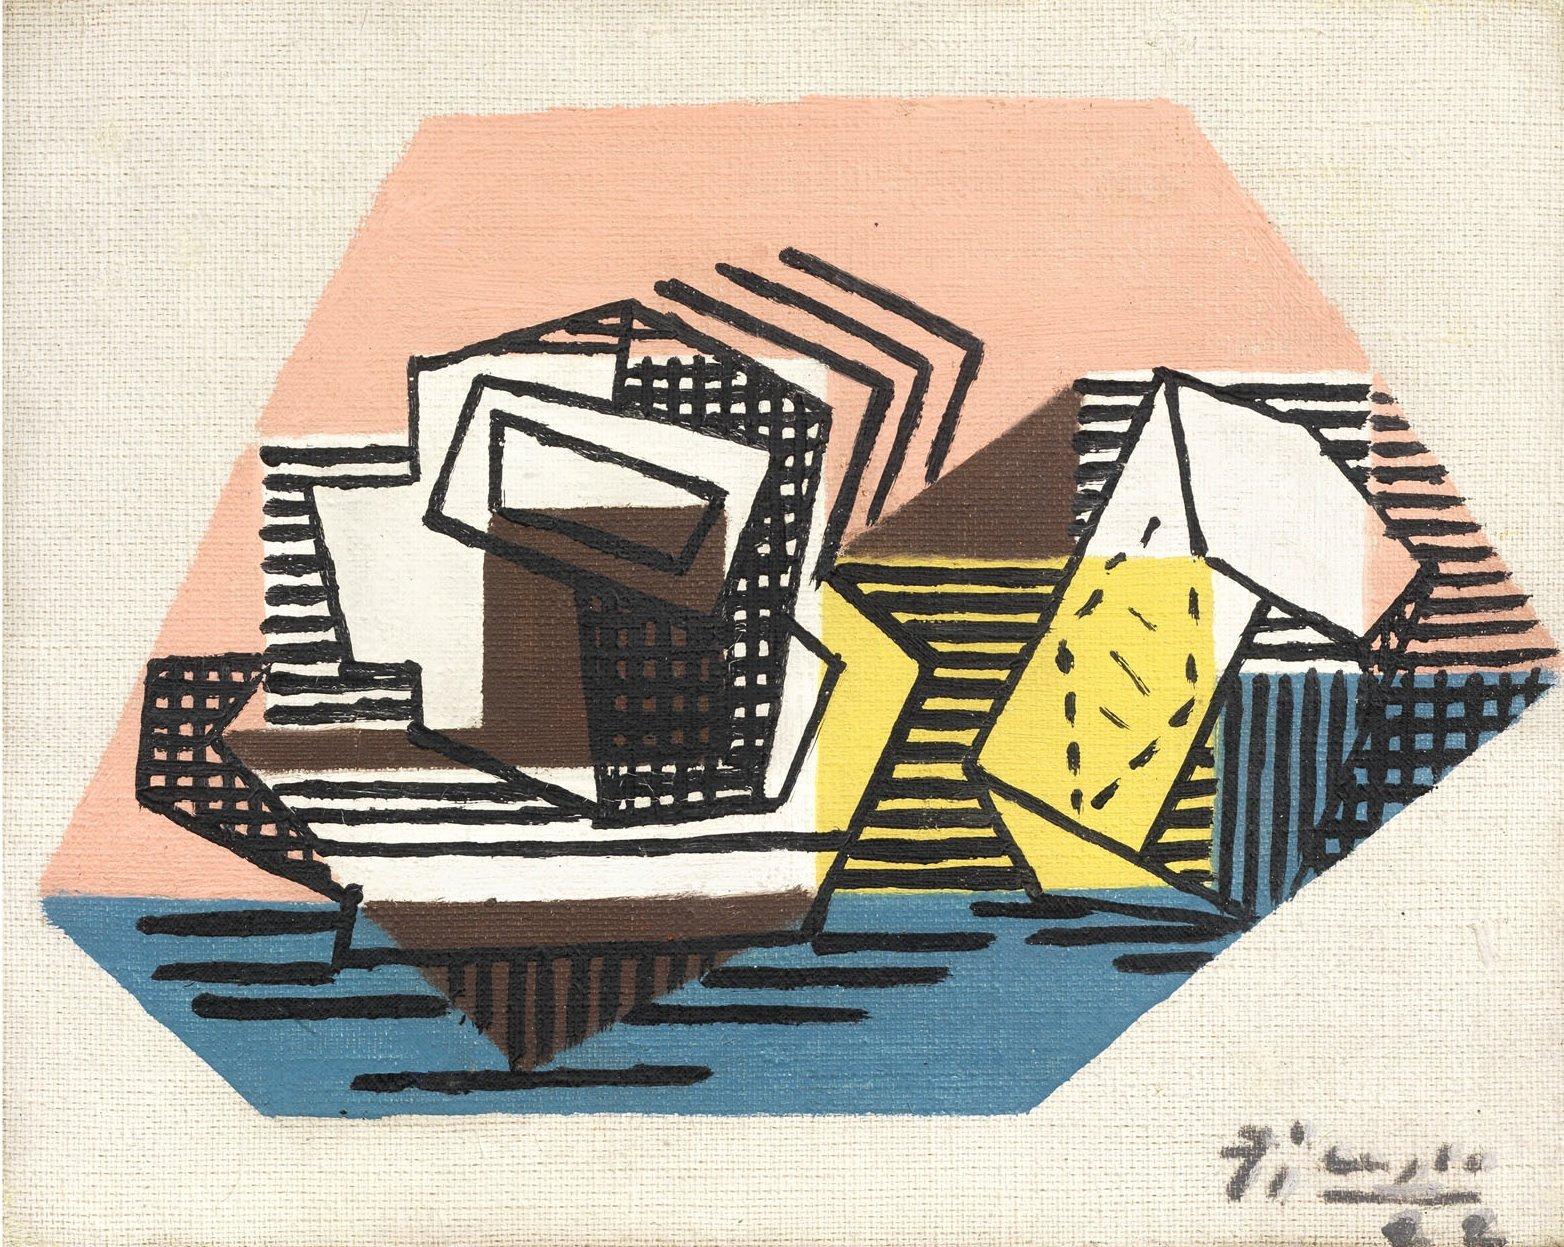 Pablo Picasso, Tasse et paquet de tabac, 1922, olio su tela, cm 19x24